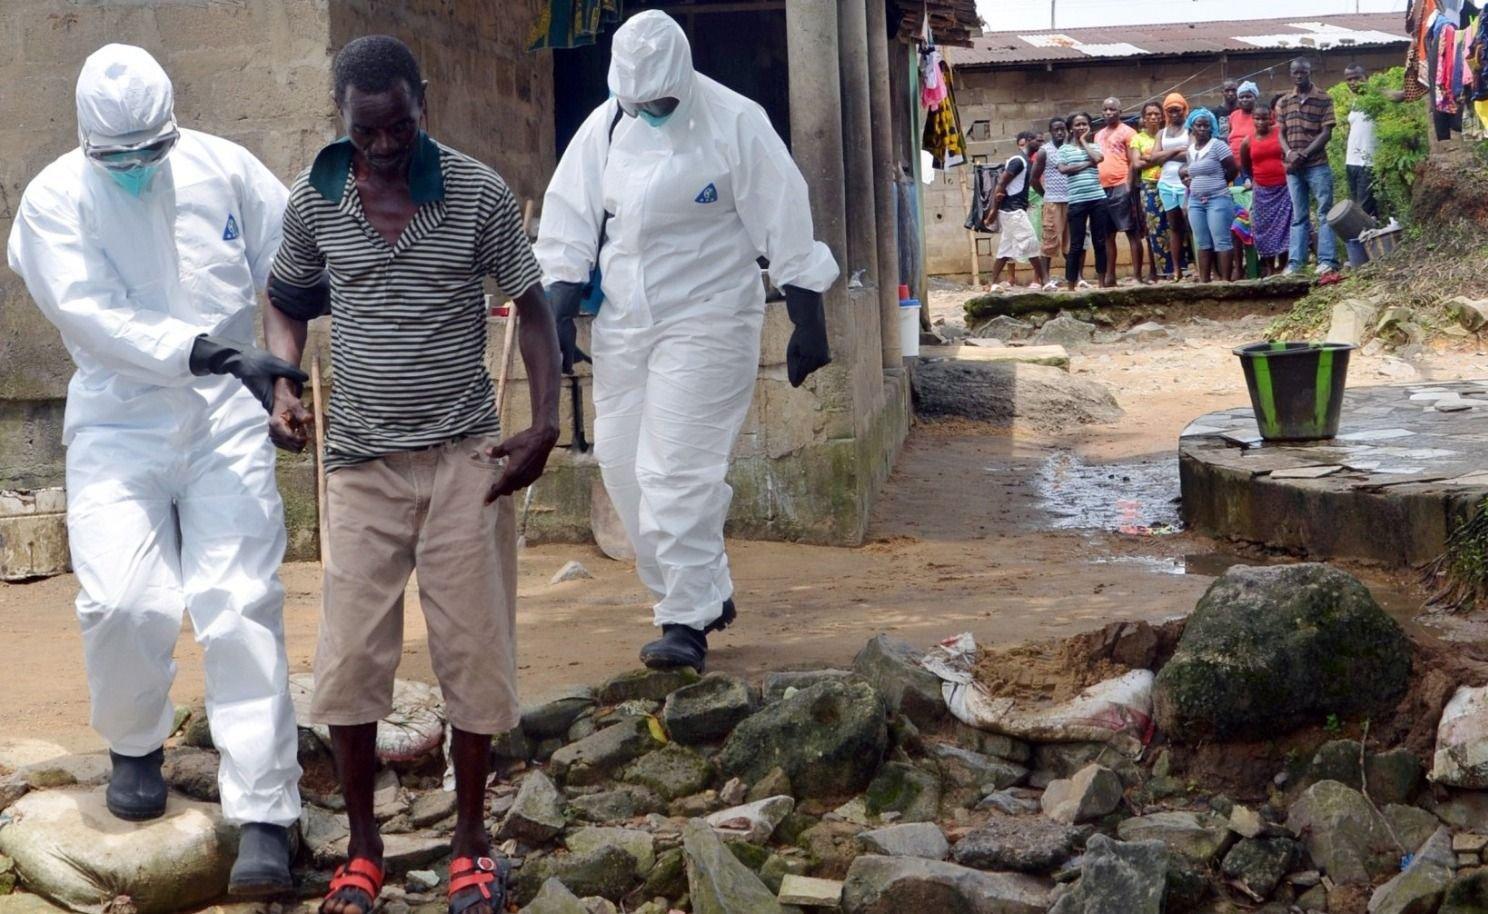 La OMS declaró la emergencia mundial por un brote de ébola en el Congo